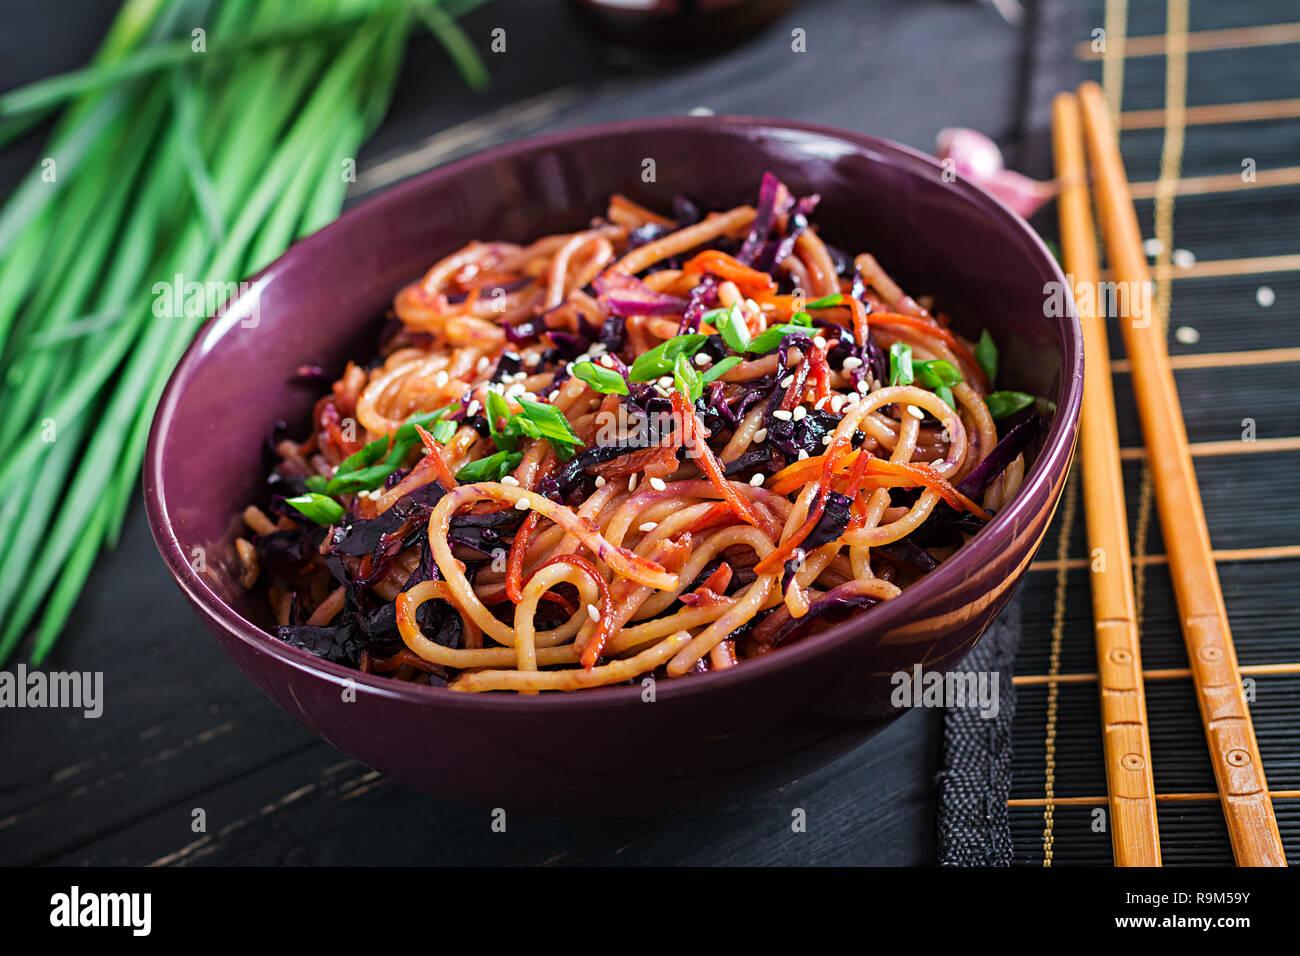 Comida china. Vegan fideos salteados con repollo rojo y la zanahoria en un recipiente sobre un fondo de madera negra. Cocina asiática comida. Foto de stock